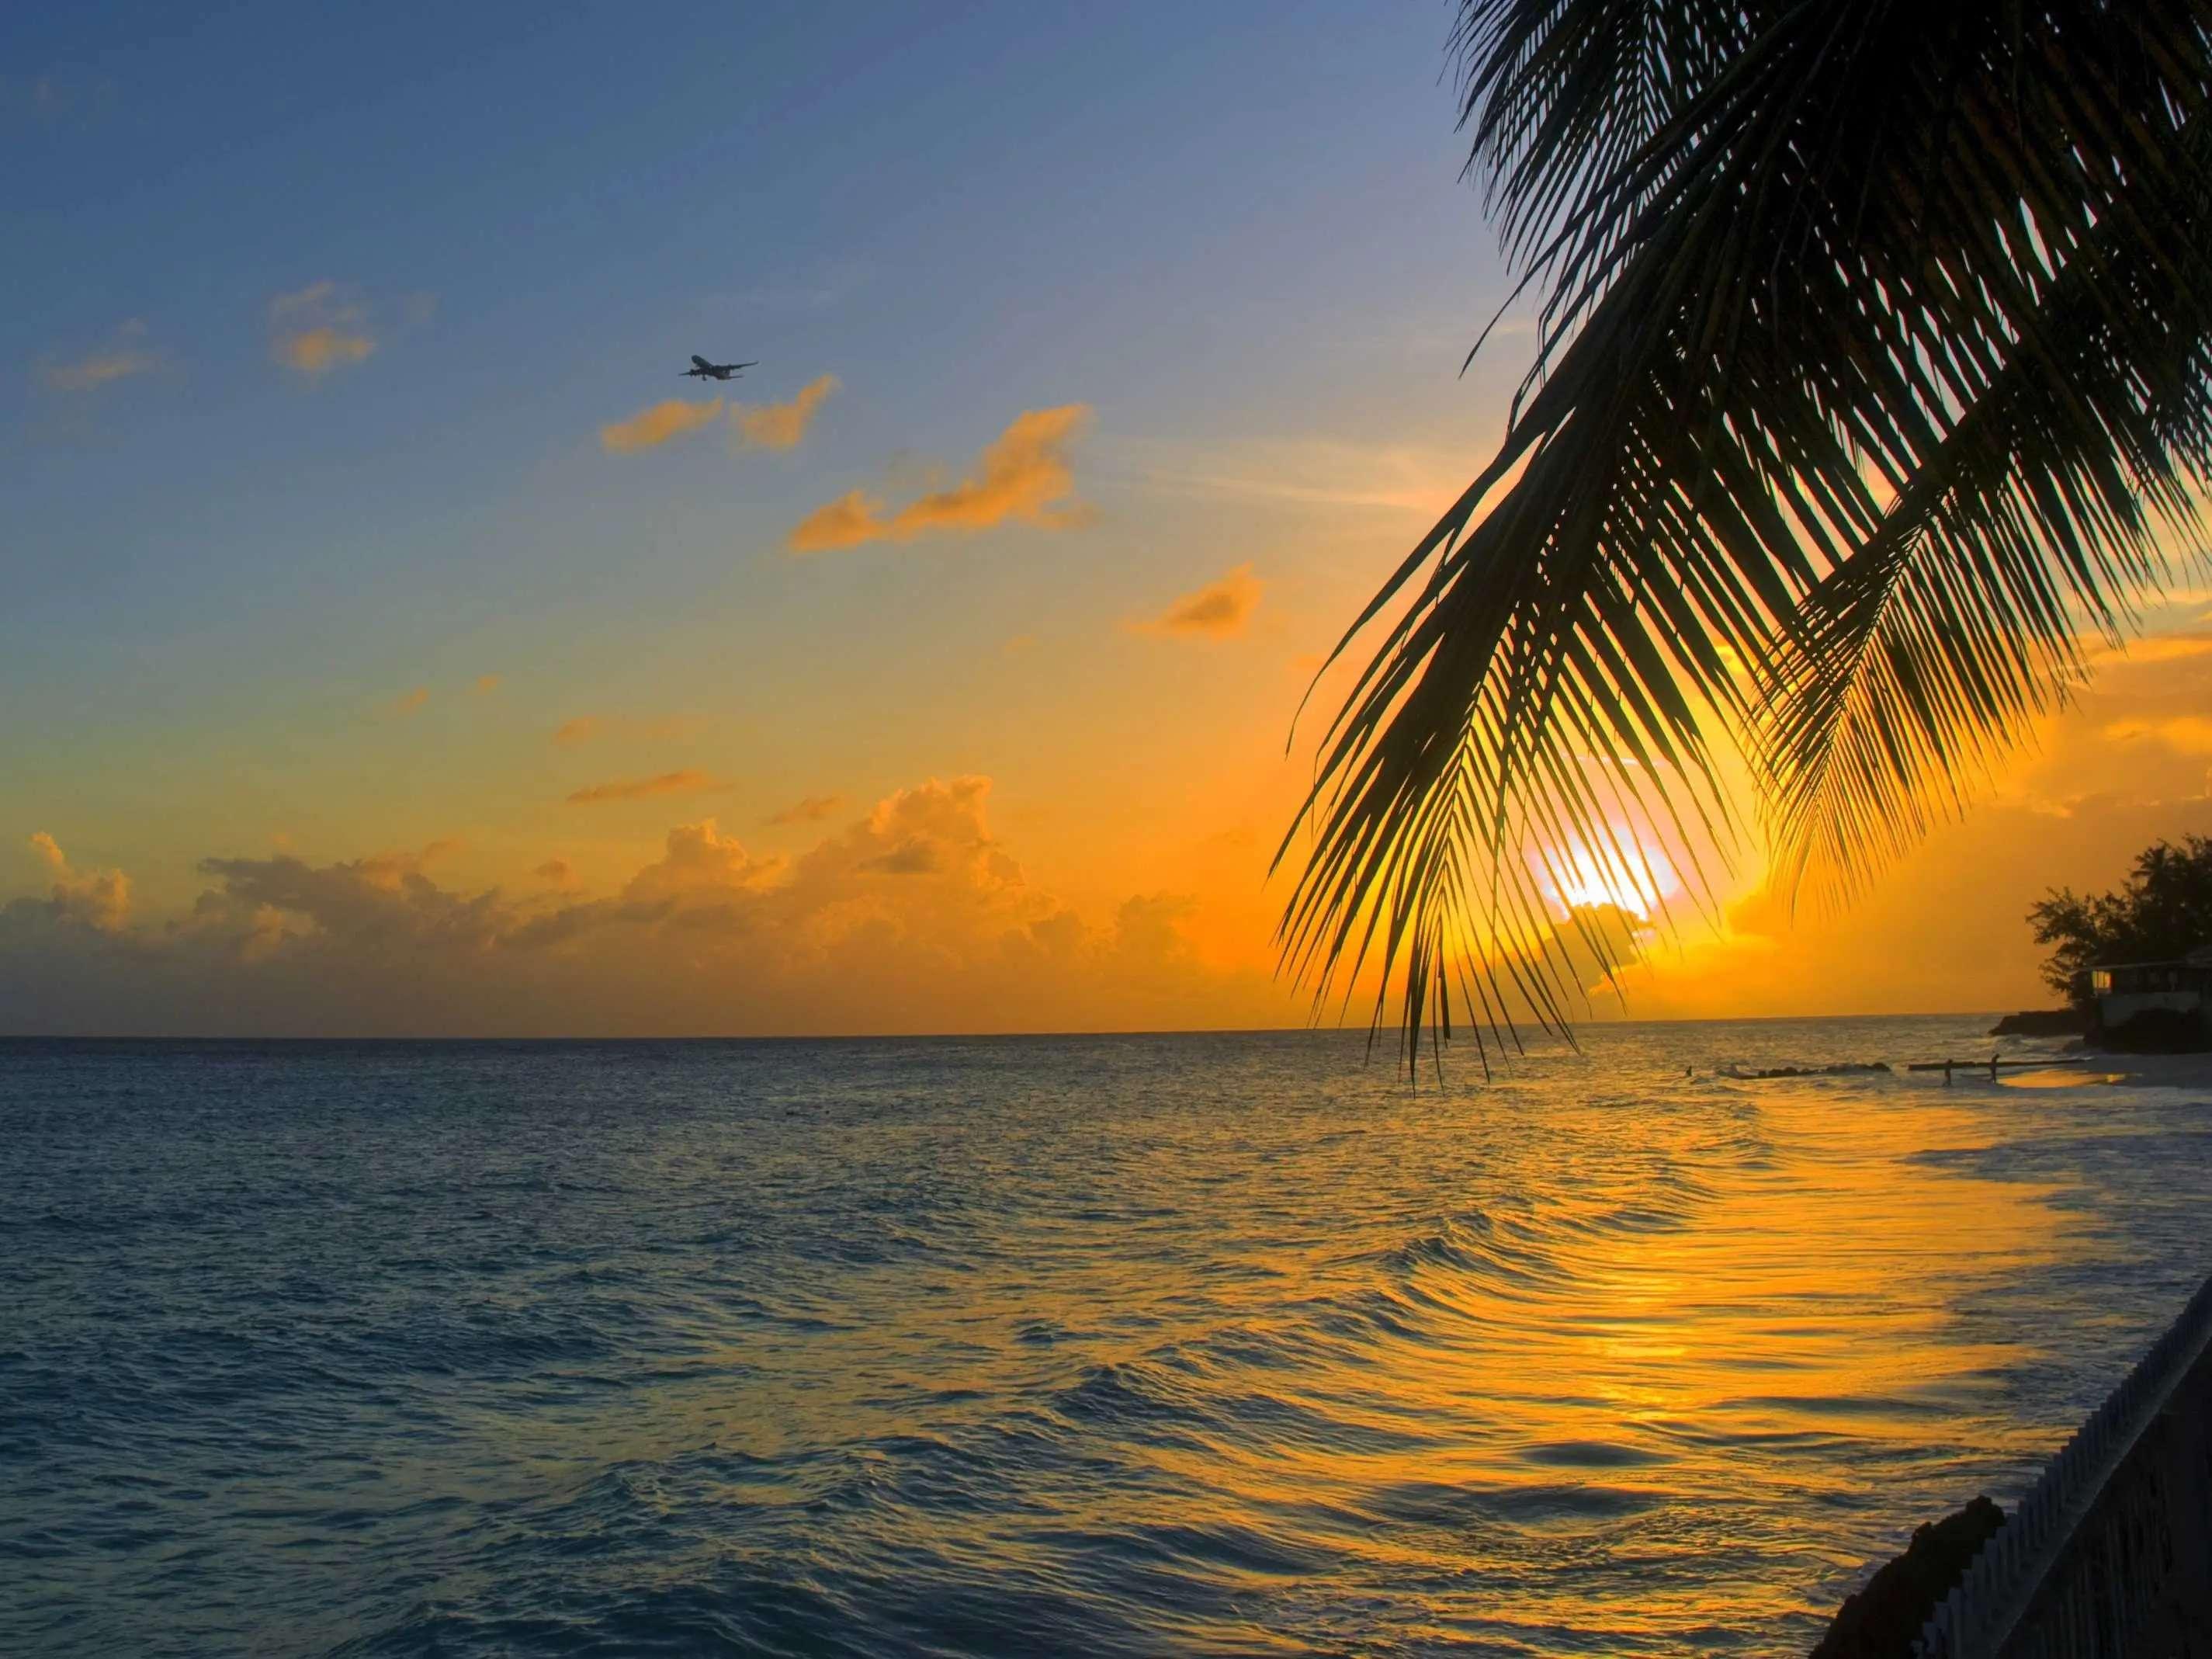 9. Barbados